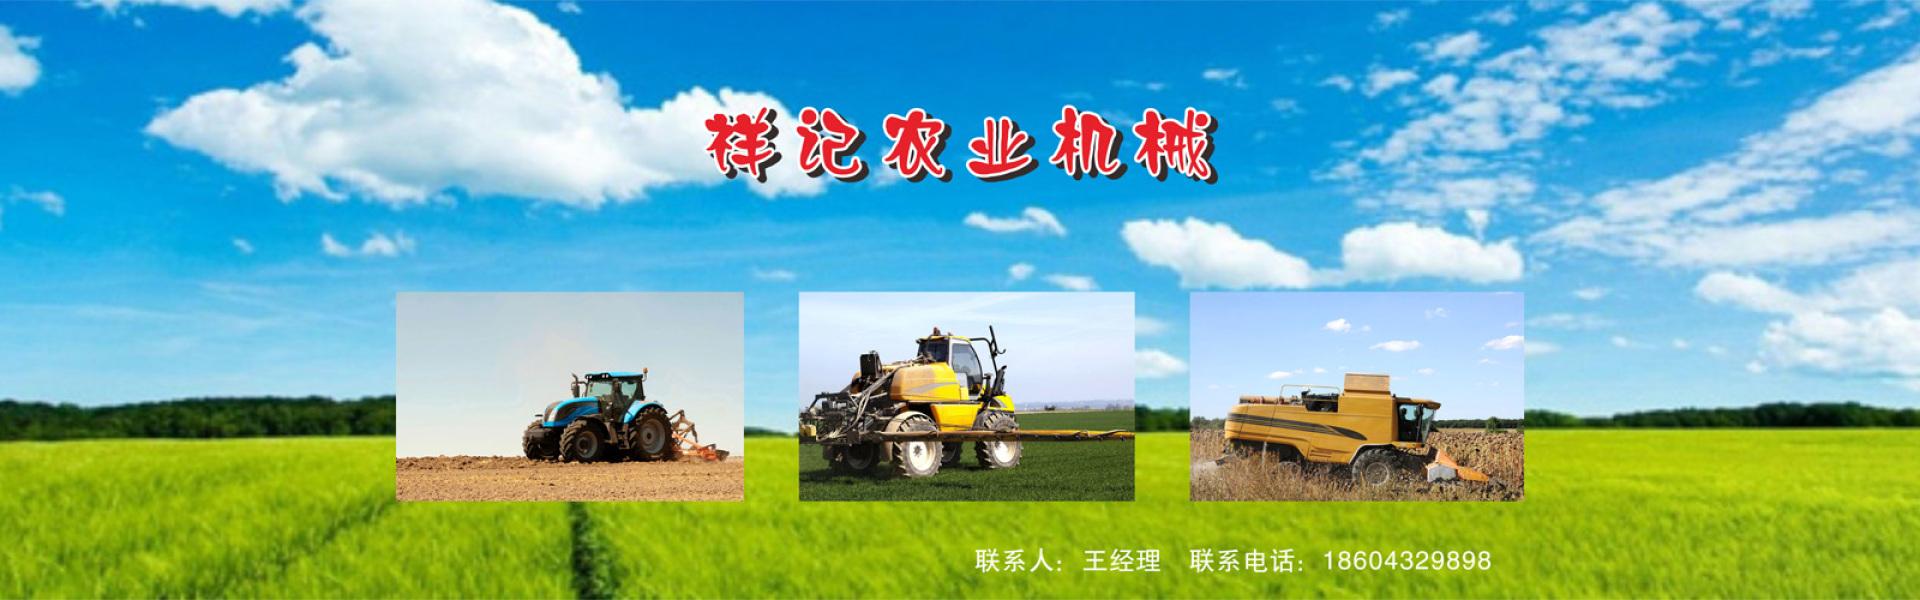 吉林农业服务